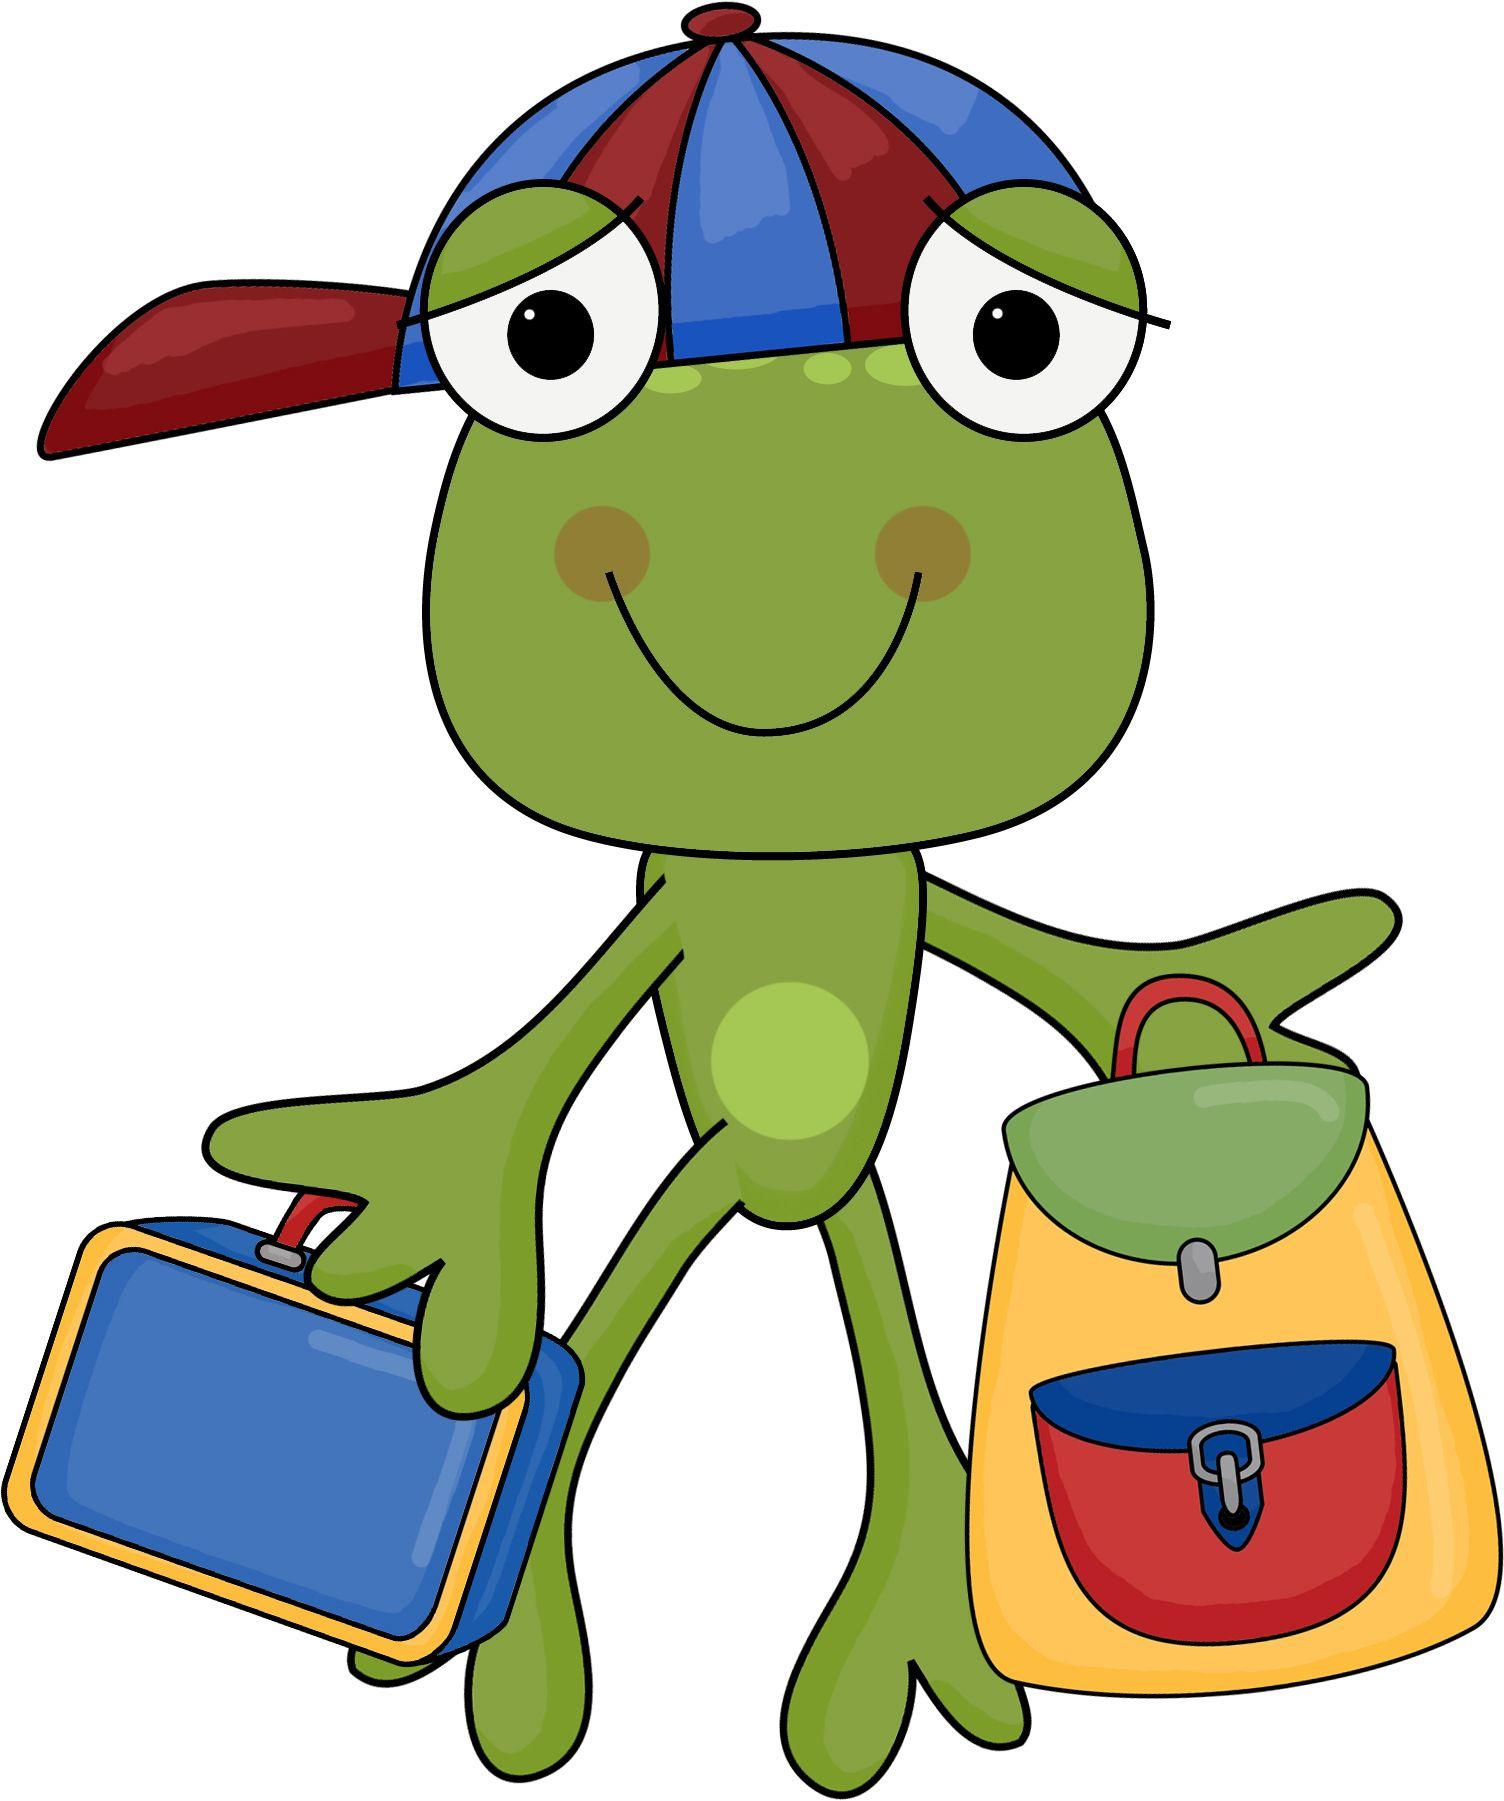 frogs school clipart school days free frog [ 1504 x 1801 Pixel ]